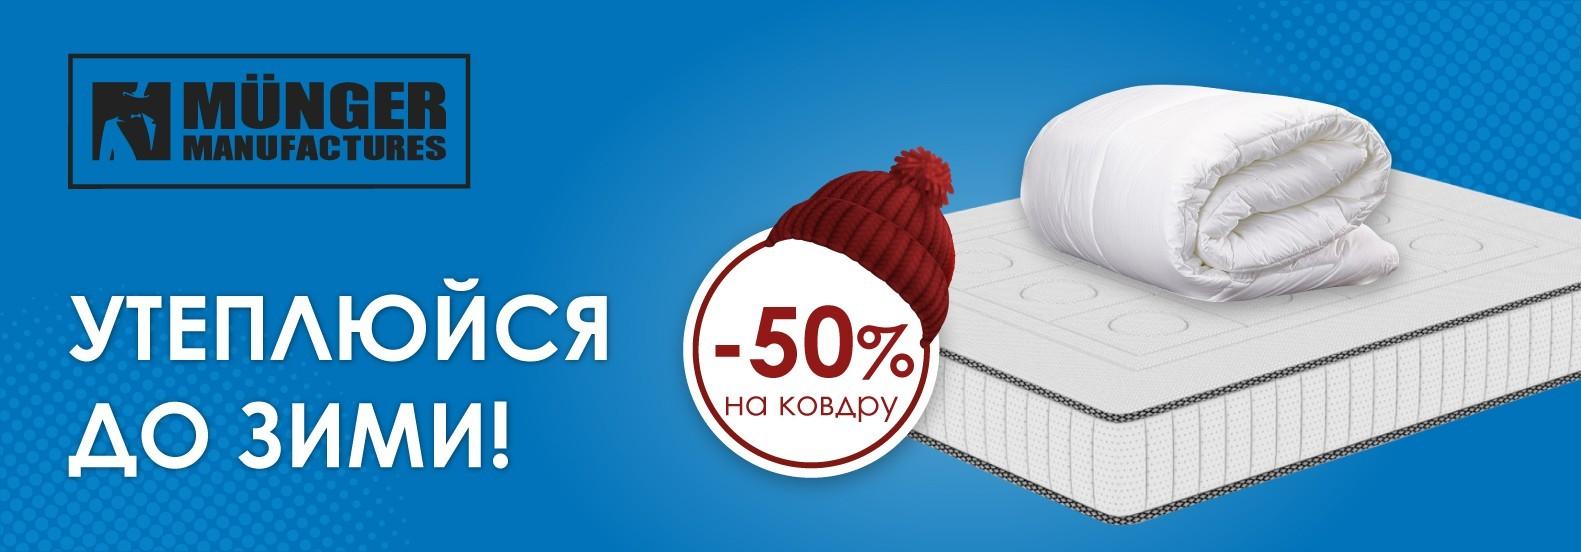 Утеплюйся до зими: -50% на одело